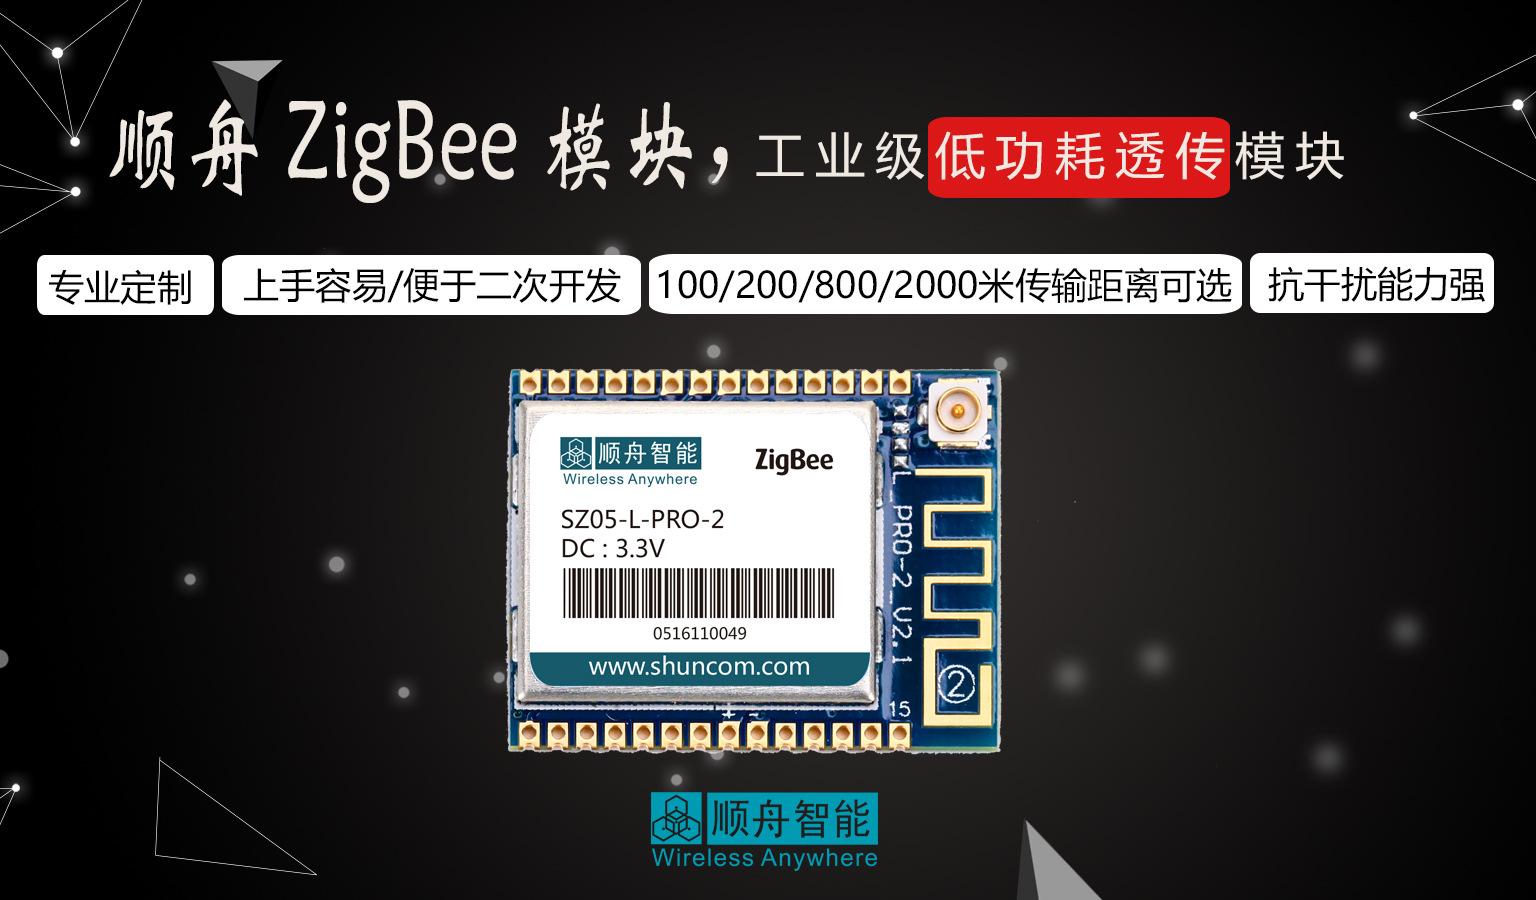 无线传感控制数据采集zigbee模块 嵌入式物联网模块 节省开发成本示例图2